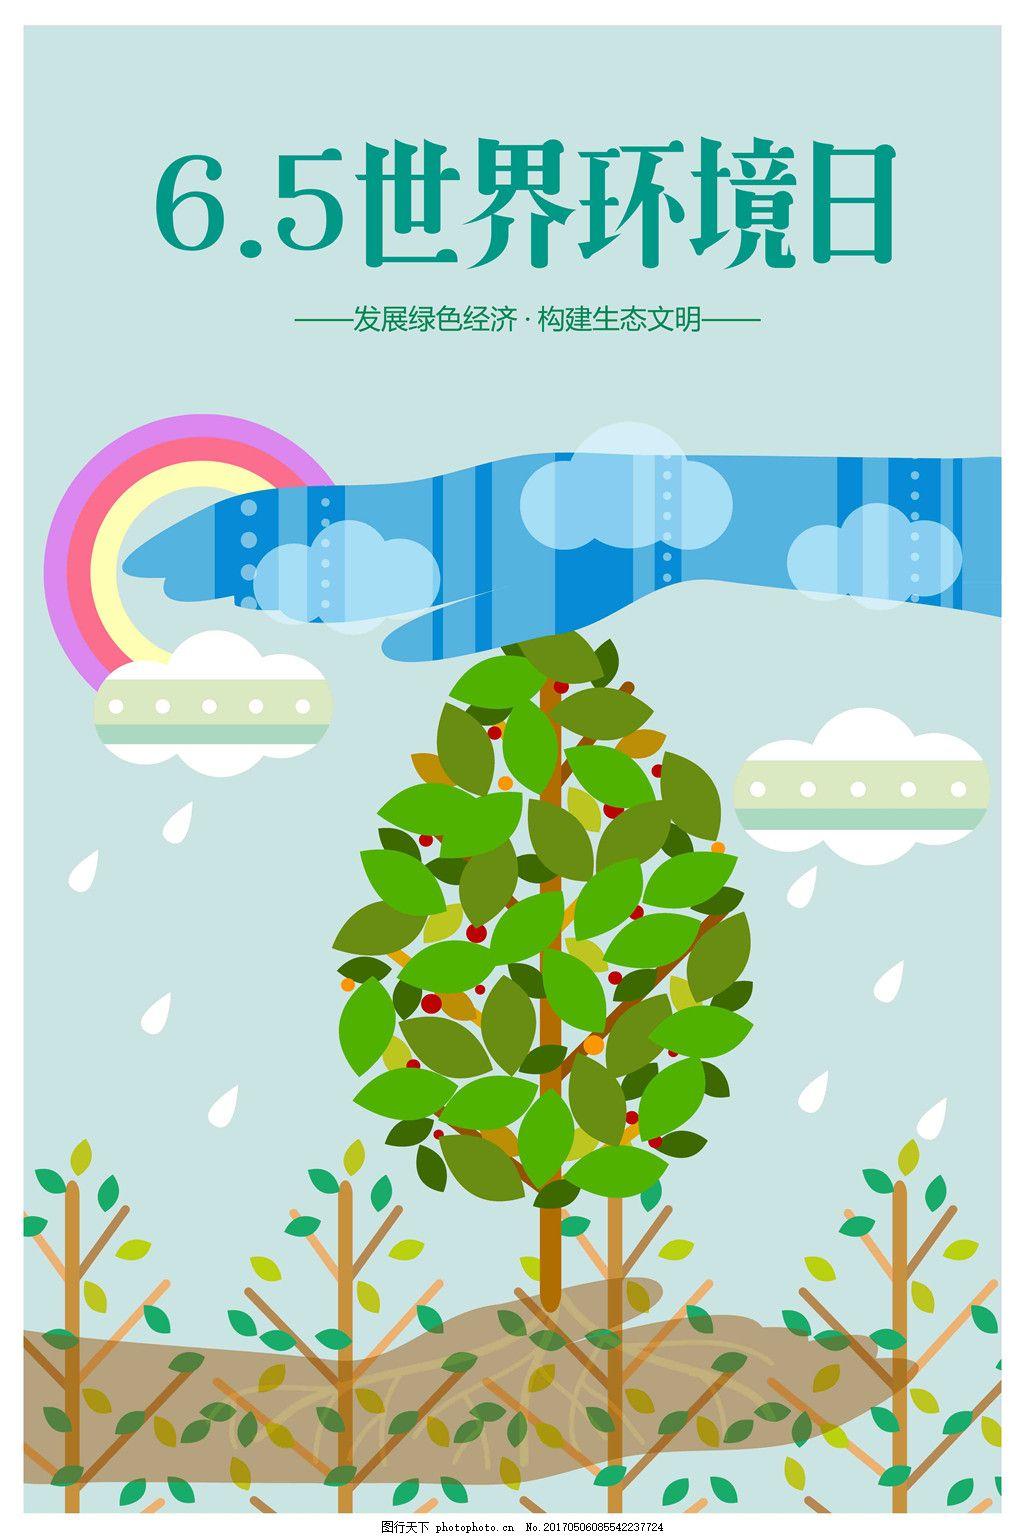 世界环境日海报 环保 树木 保护环境 保护树木 地球 天气 雨滴